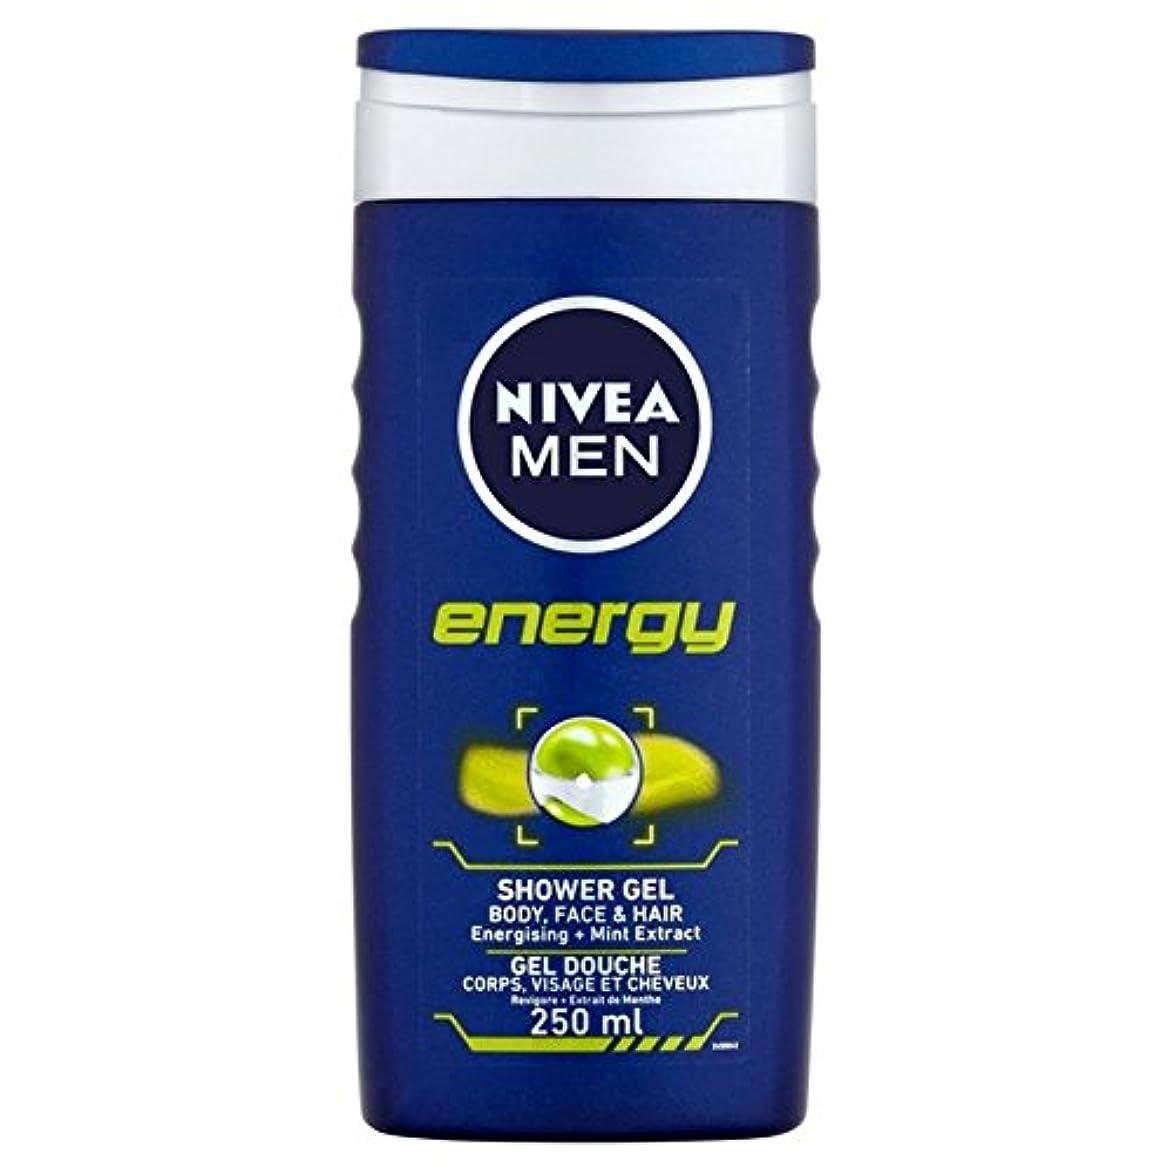 ガレージ影響を受けやすいですバクテリアNivea Men Energy 2 in 1 Shower 250ml - 1つのシャワー250ミリリットル中ニベアの男性のエネルギー2 [並行輸入品]